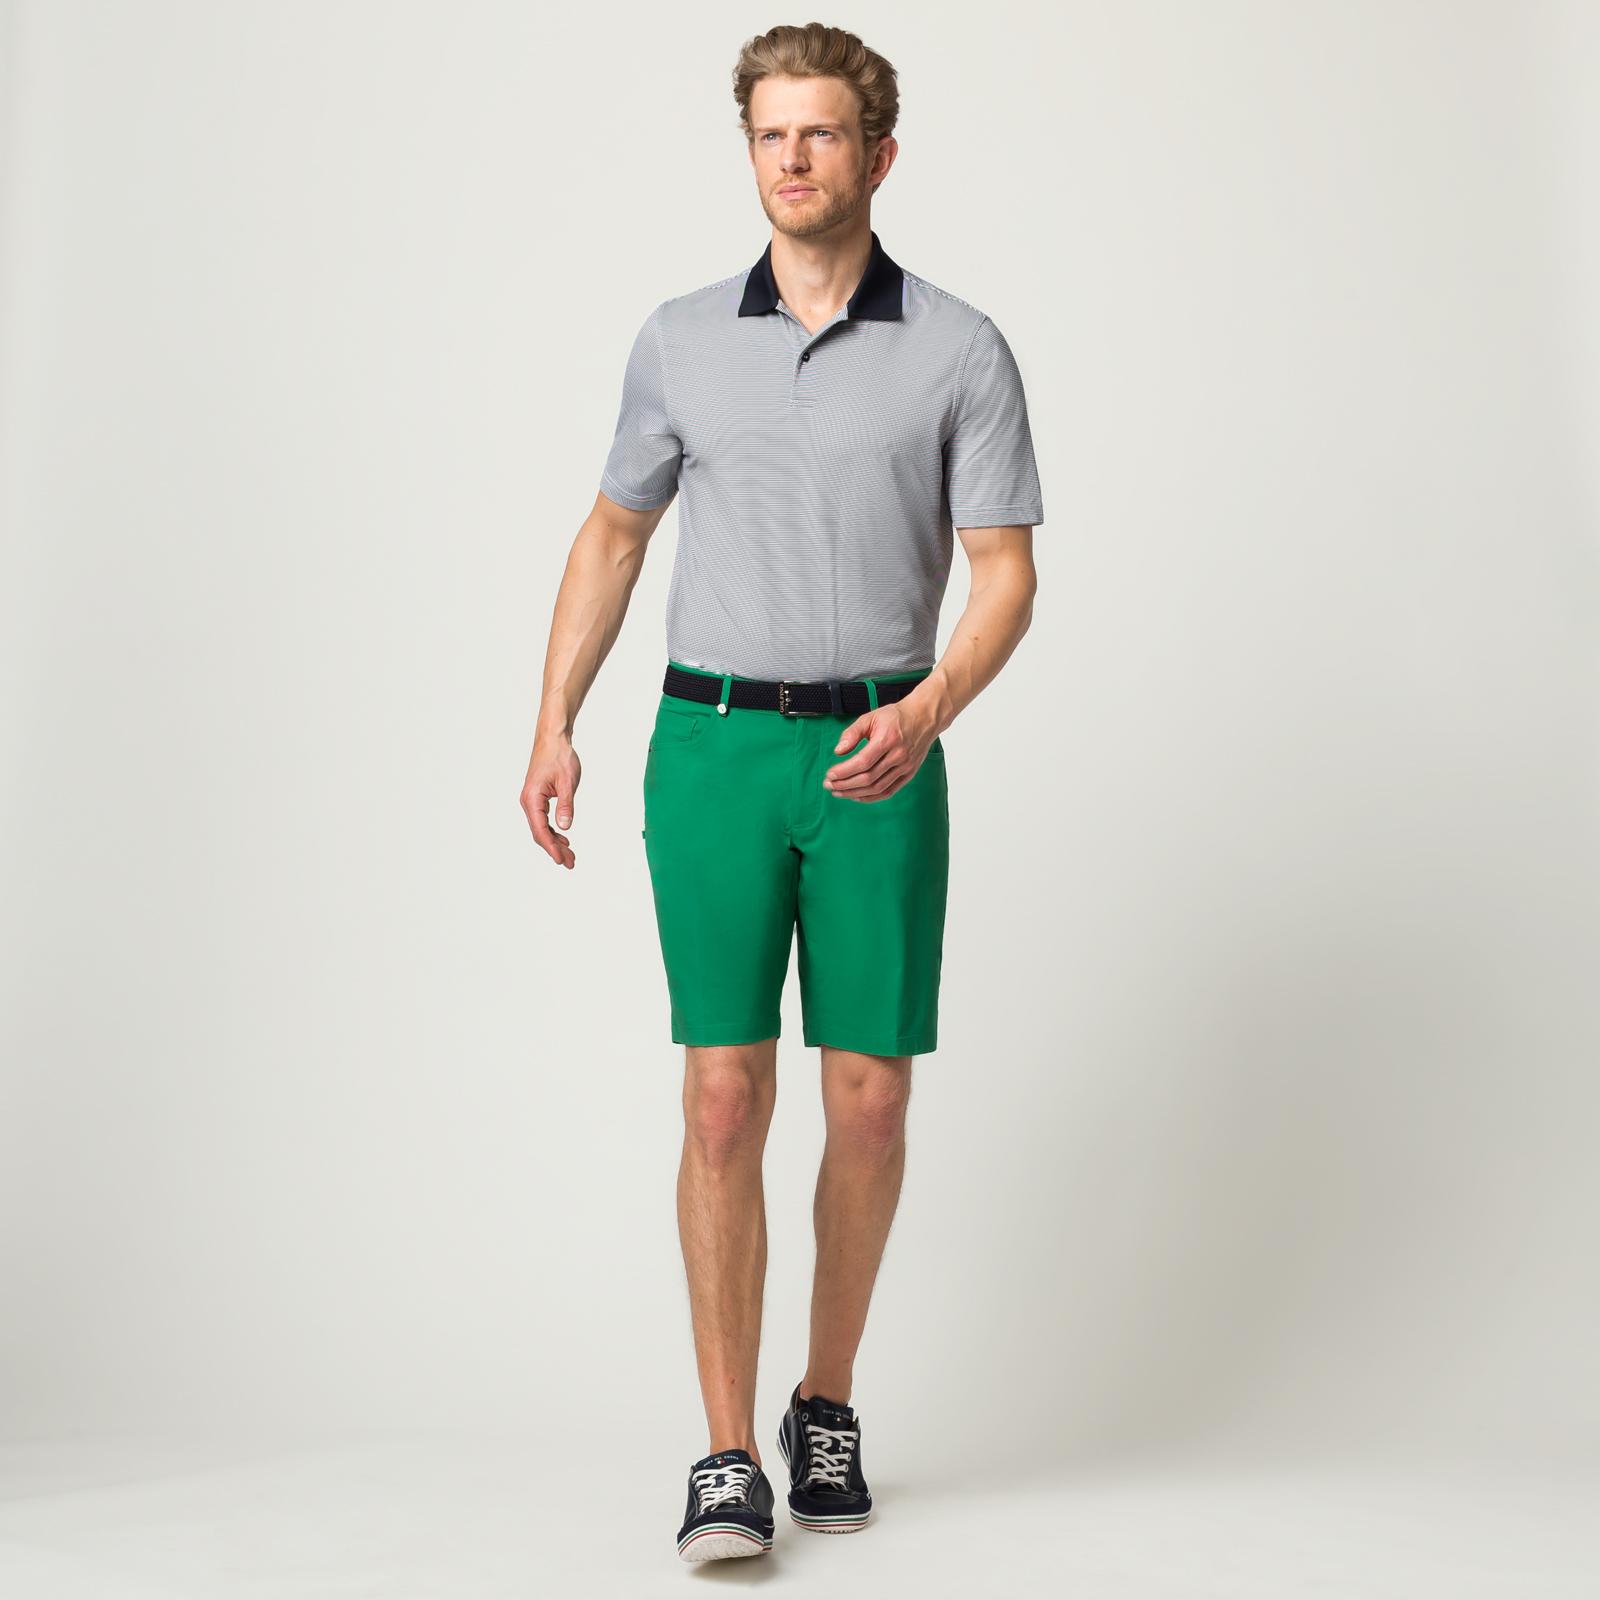 Herren Golf Bermuda aus Stretch-Material mit Sonnenschutz-Funktion